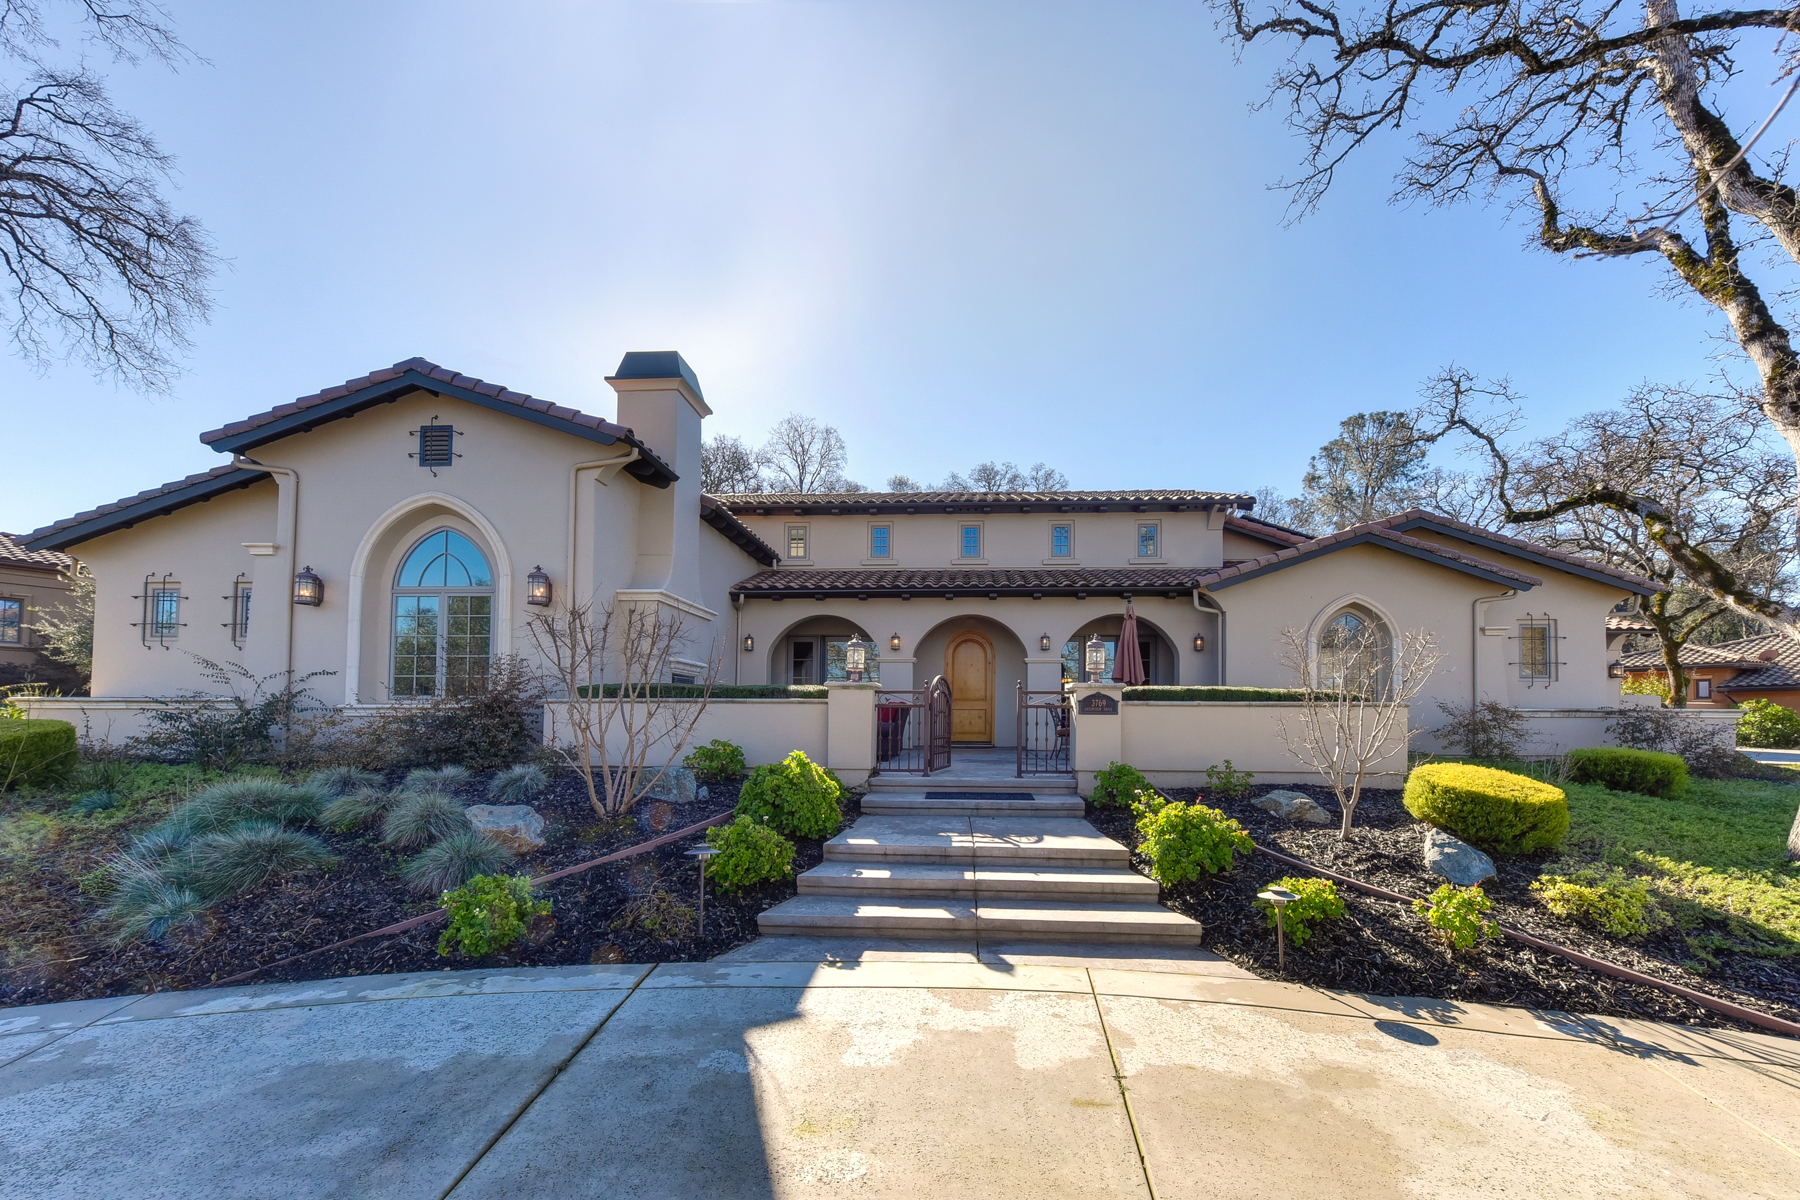 独户住宅 为 销售 在 3769 Greenview Drive, El Dorado Hills, CA 95762 El Dorado Hills, 加利福尼亚州 95762 美国